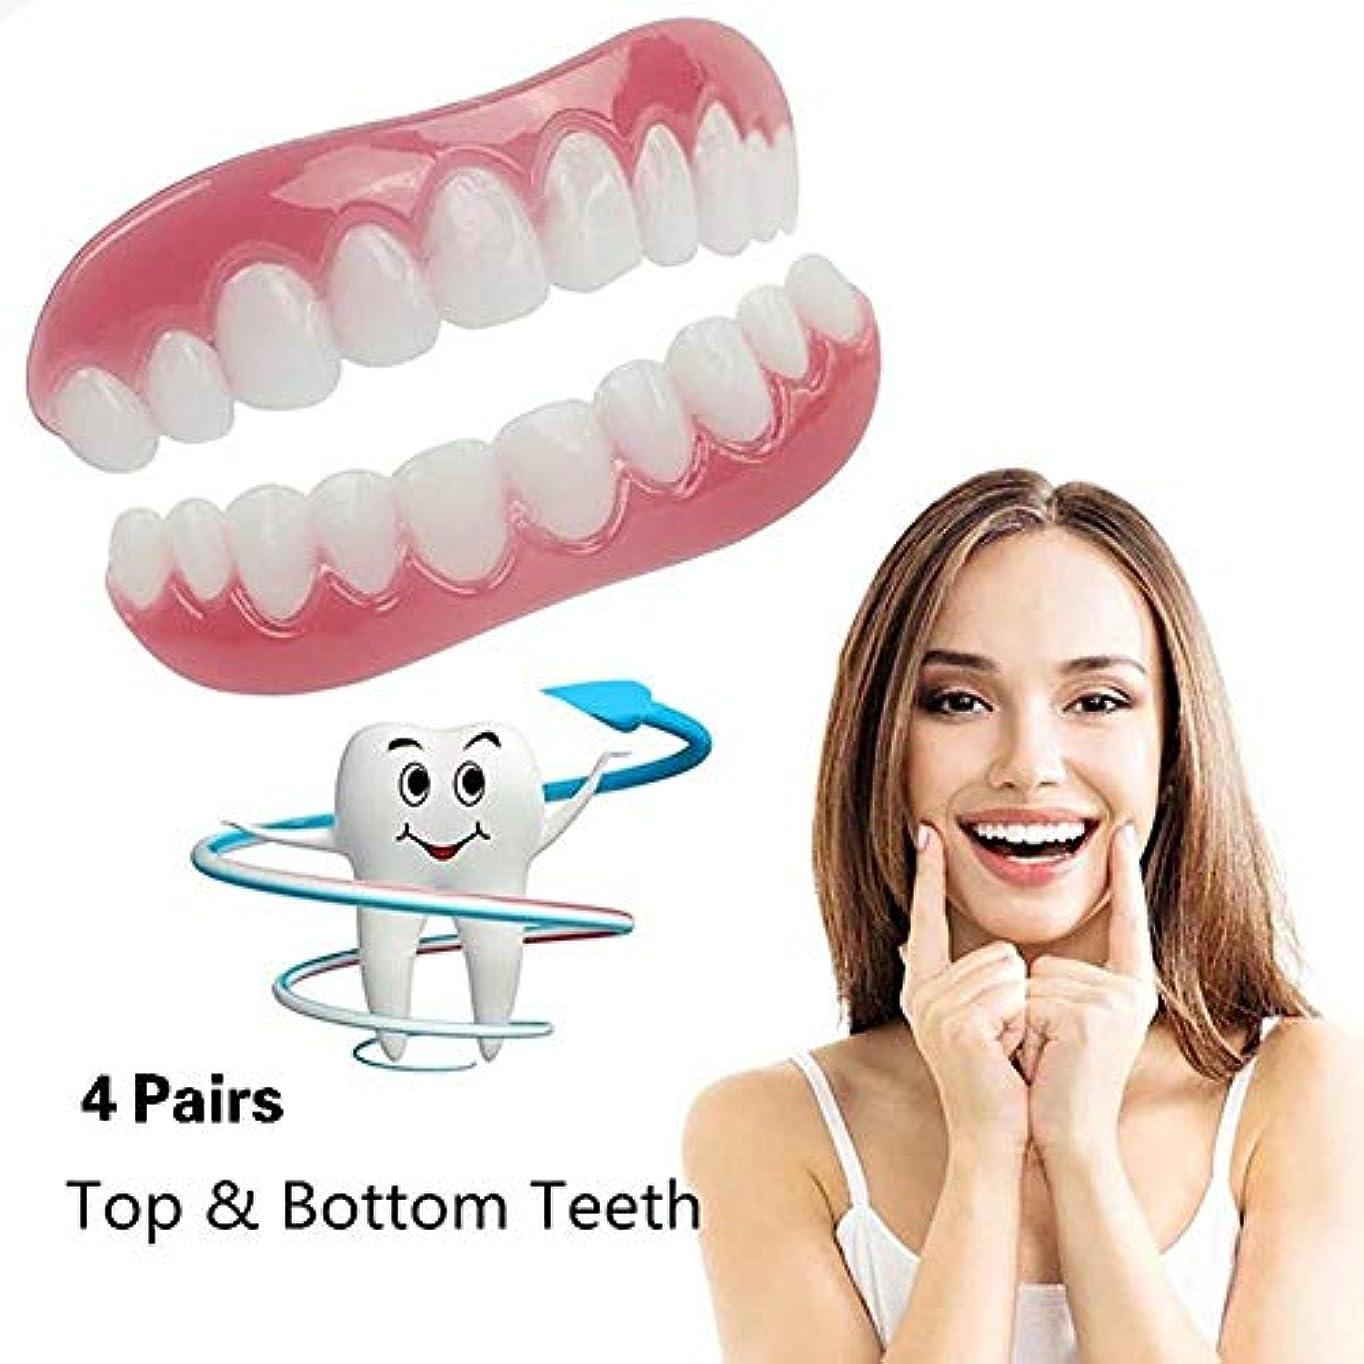 現象嫌い心臓8本のシリコーンの歯のベニヤ化粧品の歯のスナップオンセキュアアッパーローフレックス歯科用ベニヤ義歯ケアホワイトニングパーフェクトトゥースワンサイズフィットすべて